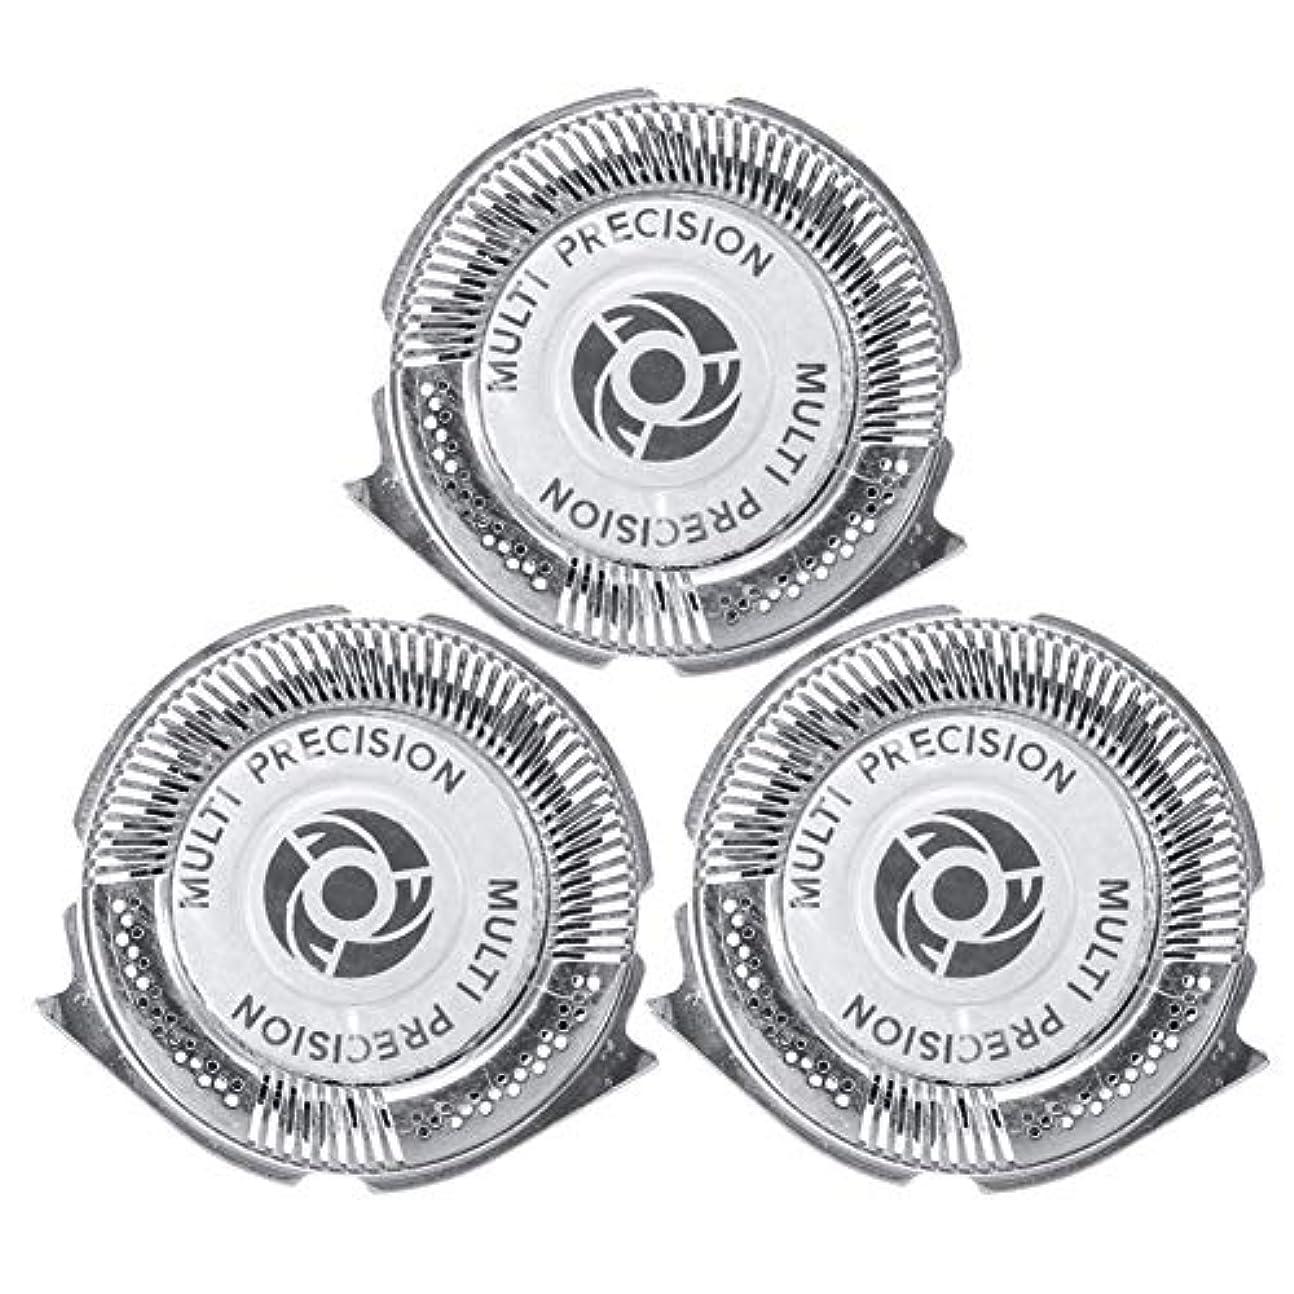 授業料フィット牛シェーバー 替刃 替え刃 カミソリ ヘッド 3頭のヘッド 交換用替刃 替刃3個入り フィリップス5000シリーズ SH50/51/52 HQ8に適用